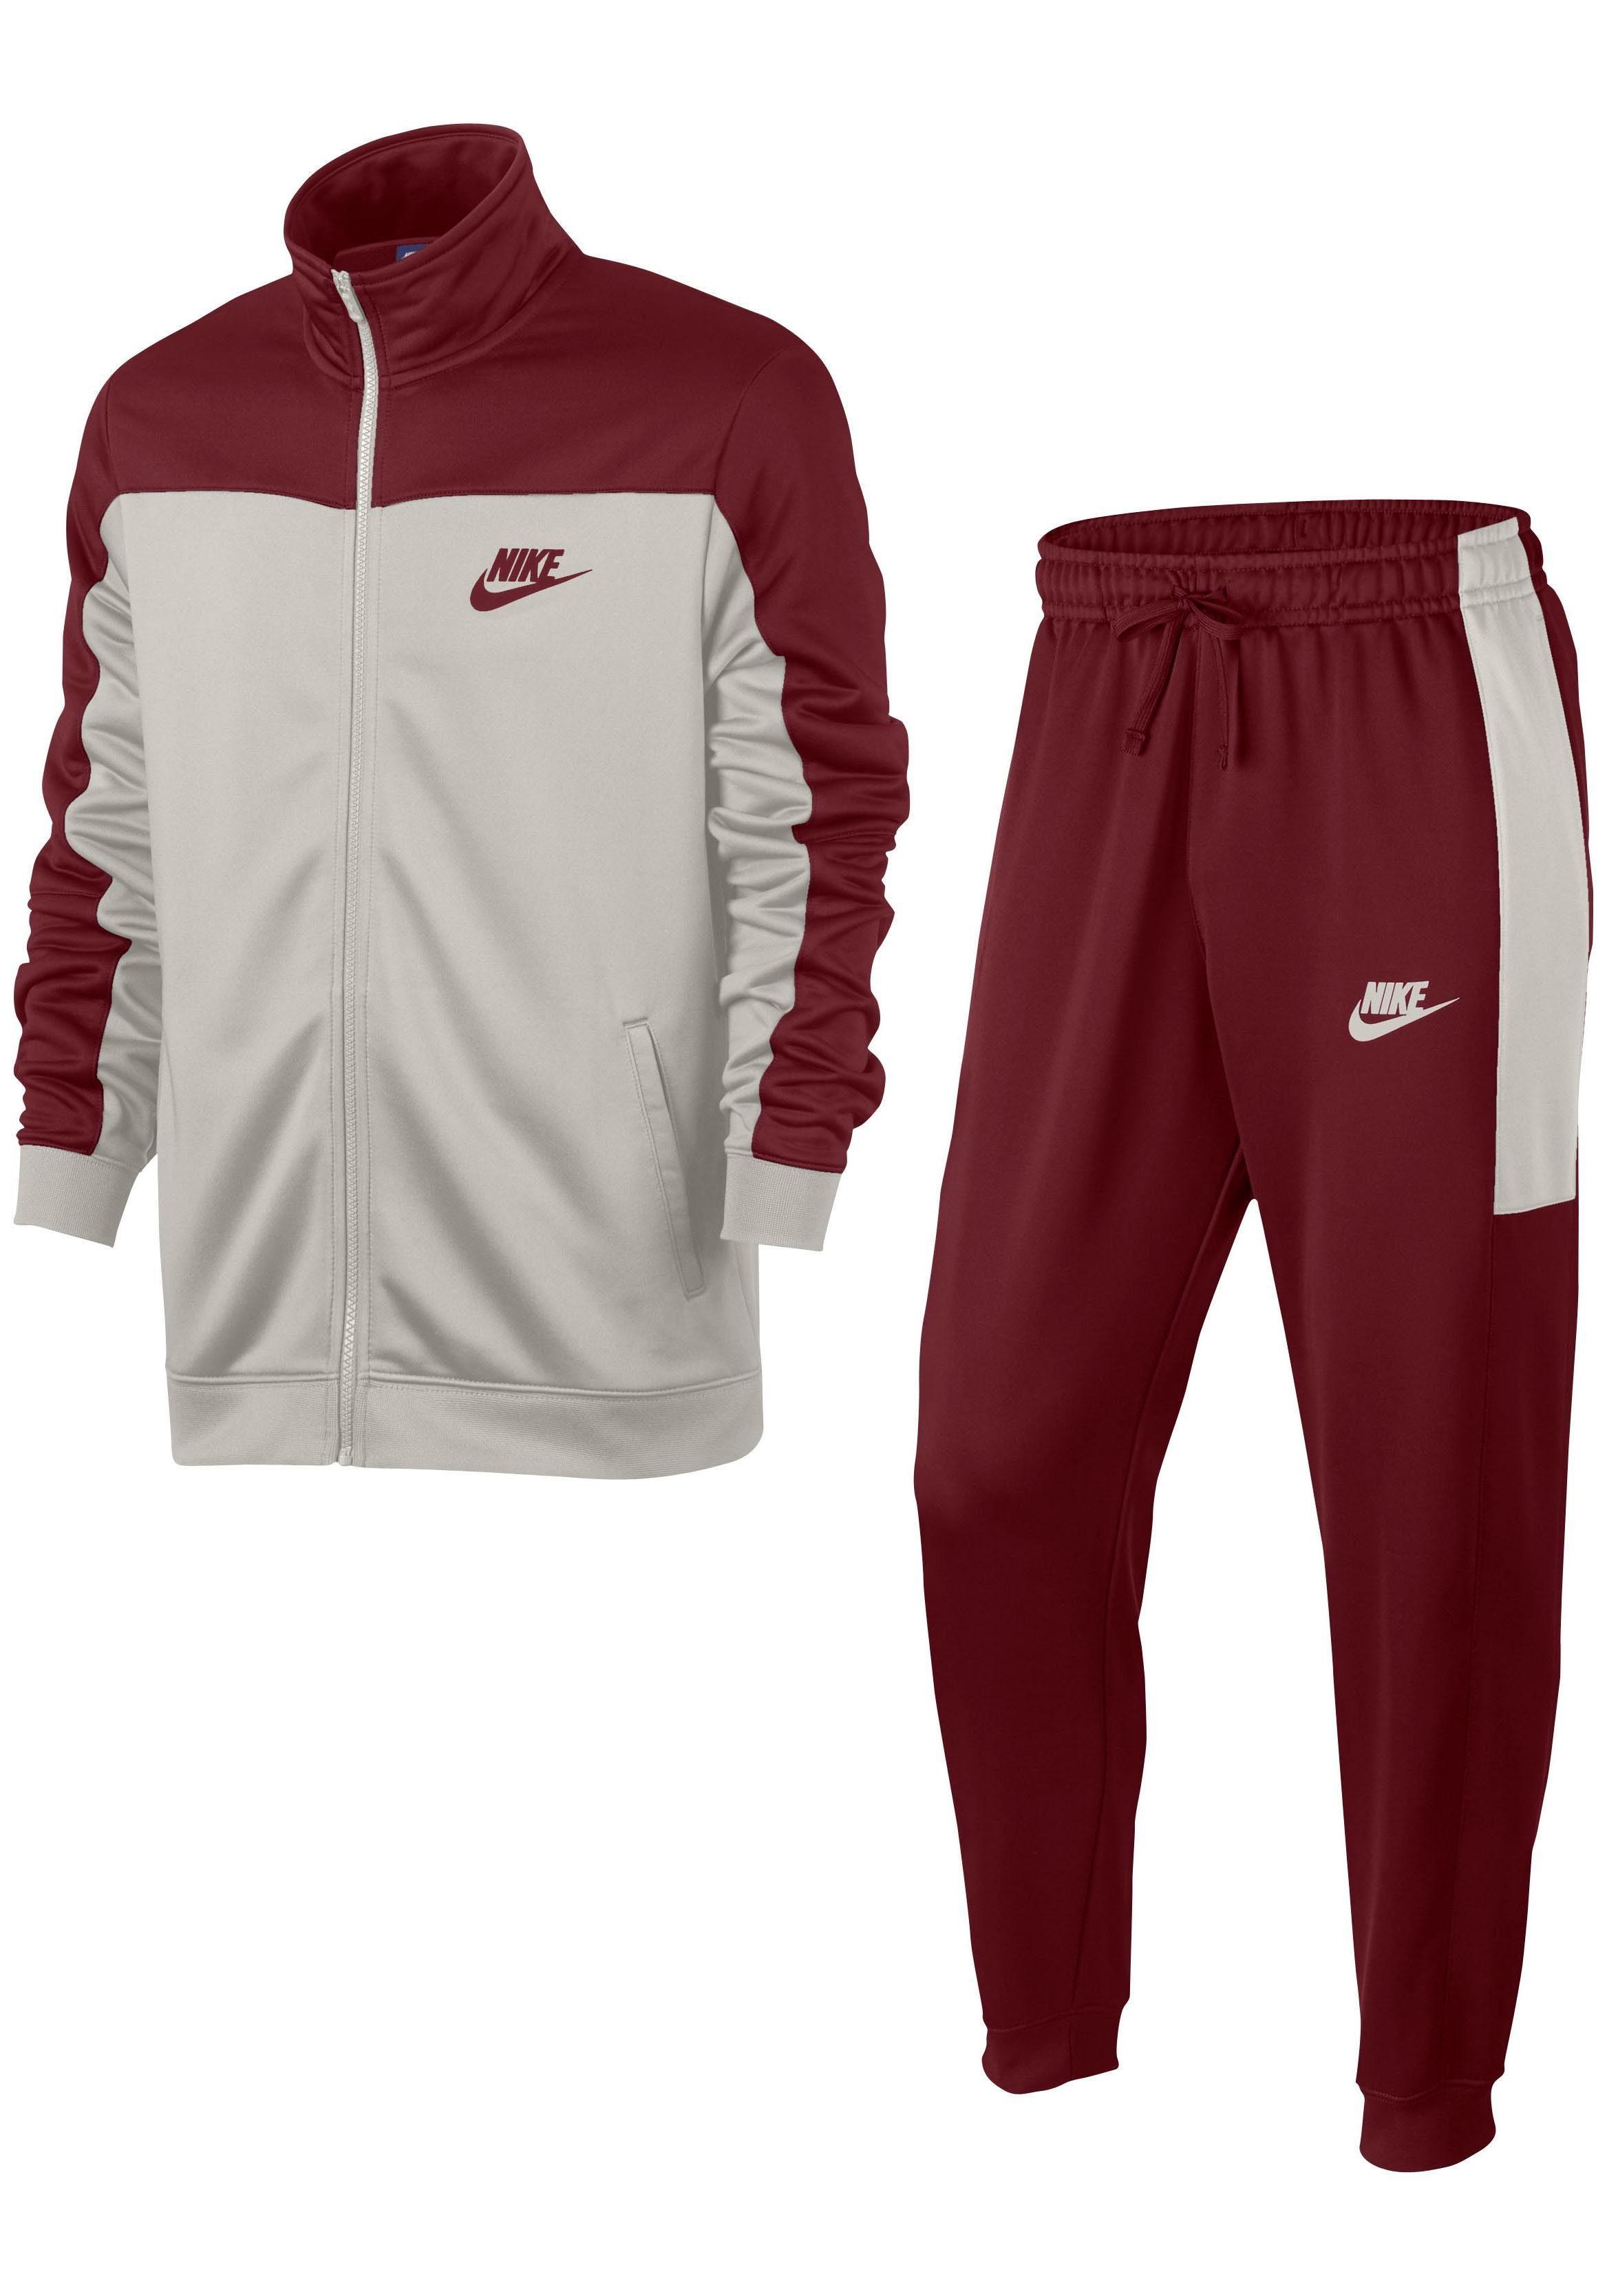 Nike Sportswear Trainingsanzug, Jacke mit Stehkragen online kaufen ...